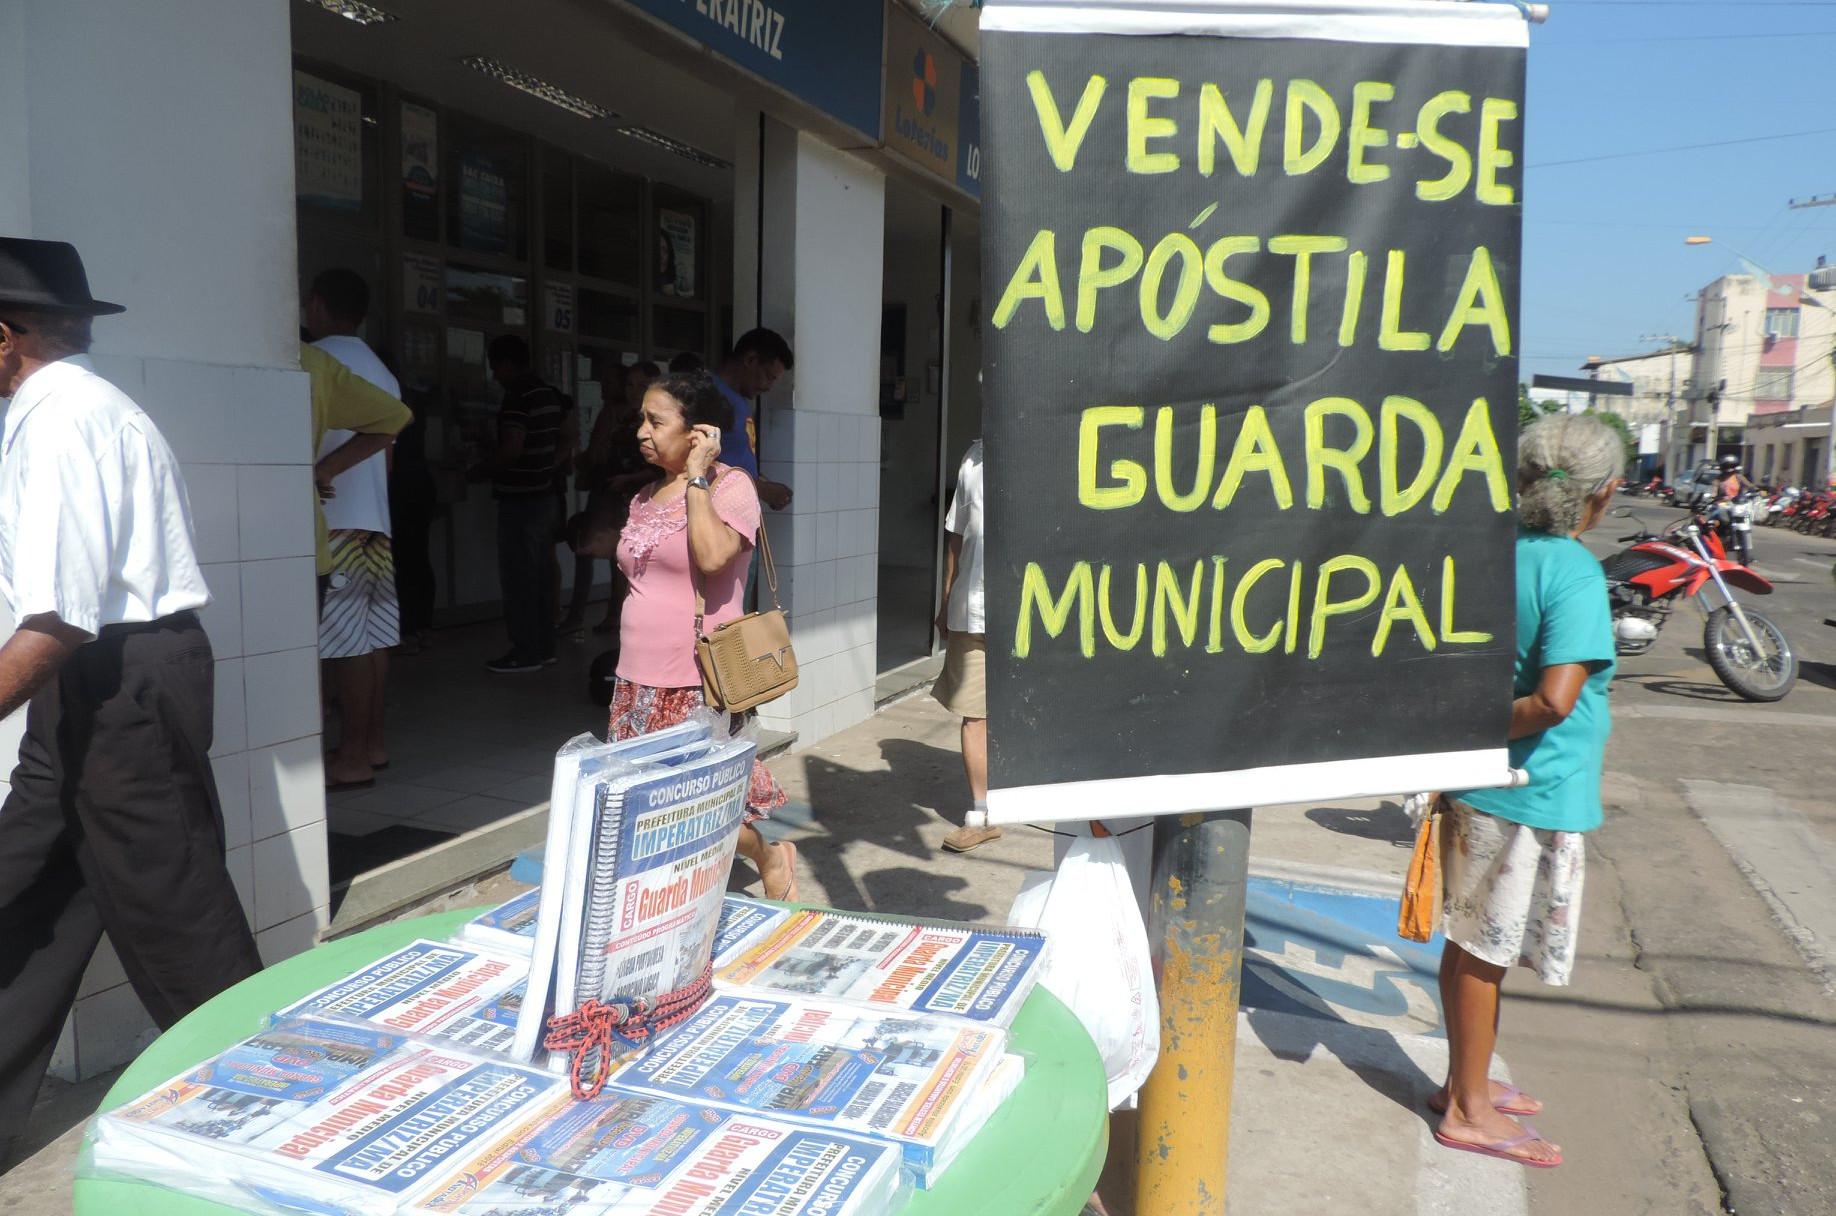 A apostila pode ser adquirida por R$ 50,00 até um dia antes da prova. (Foto: Daniela Souza)